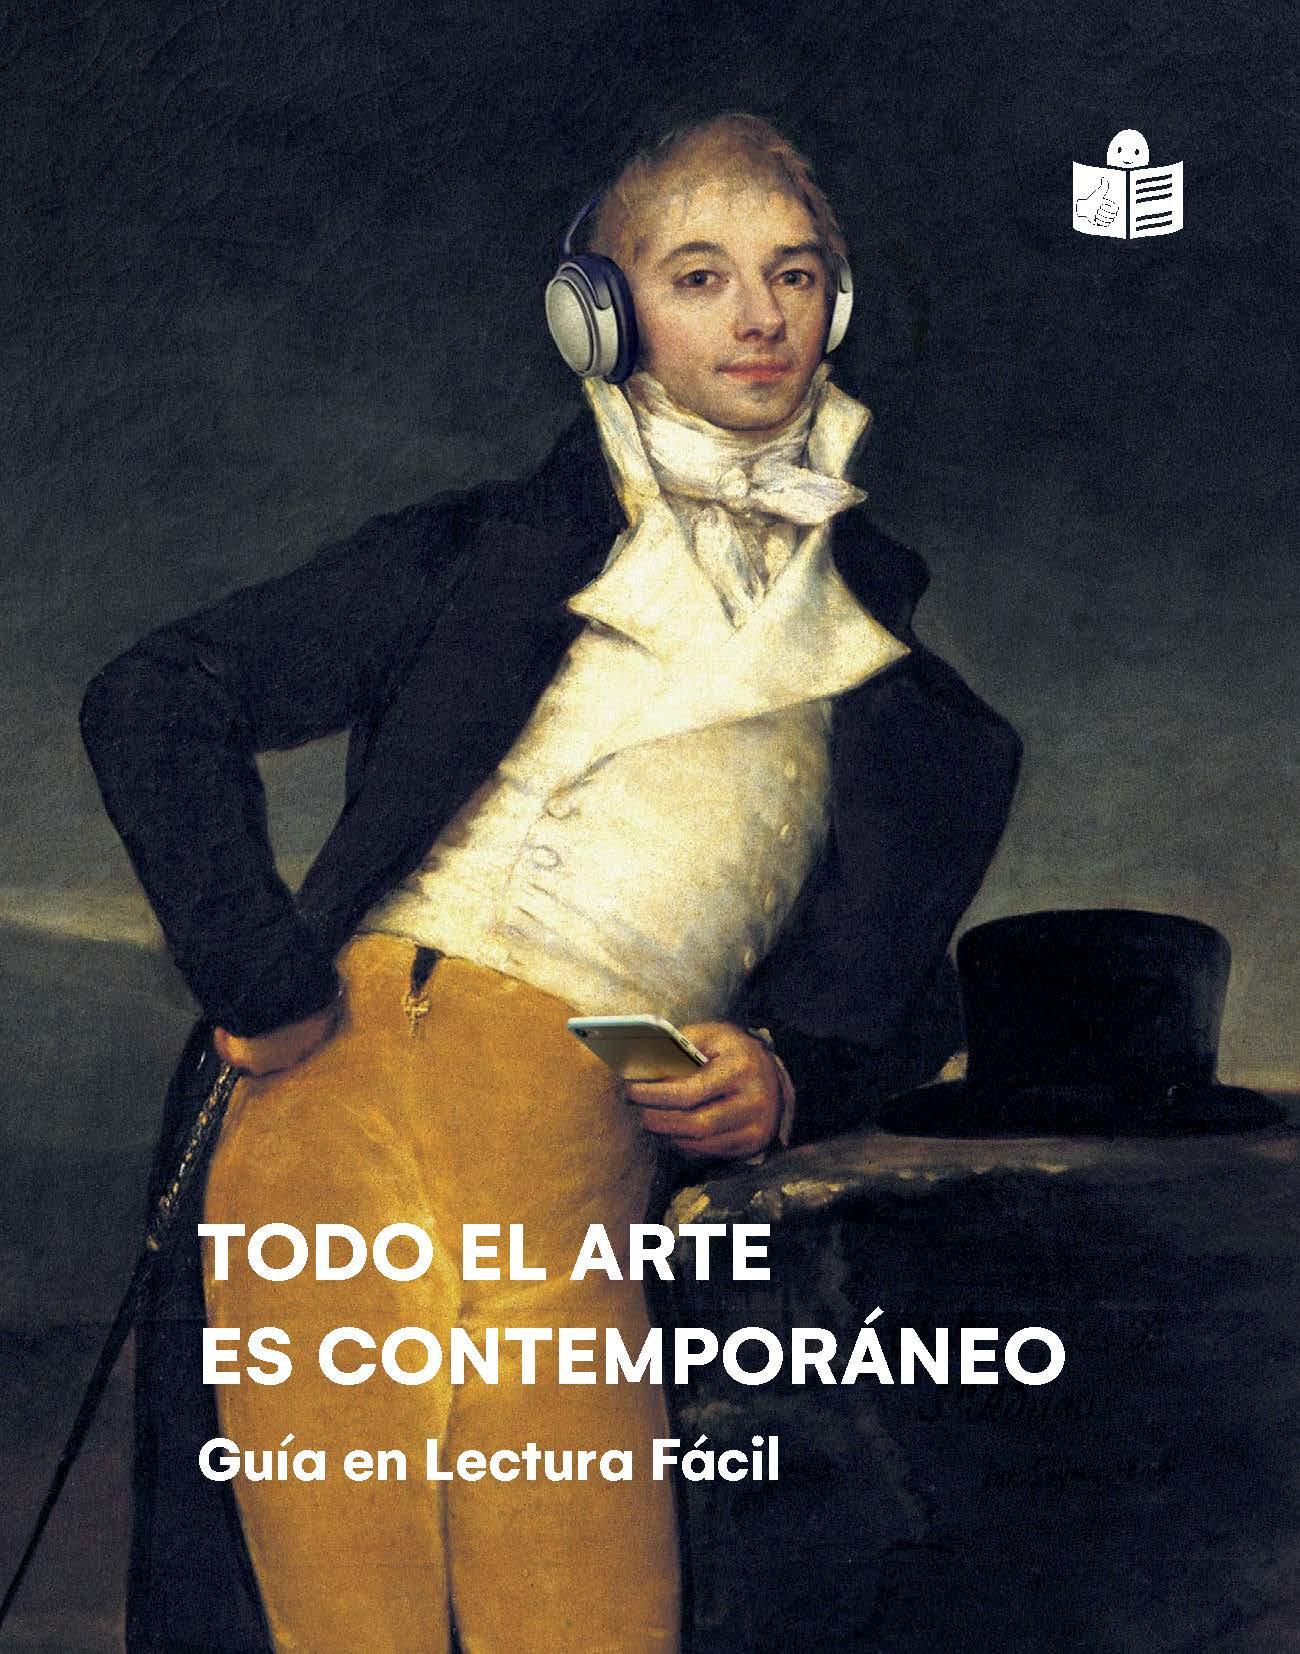 La imagen general de la exposición es el cuadro del Marqués de San Adrián de Goya, modificado digitalmente con unos cascos en la cabeza y un smartphone en su mano izquierda, al lado de su sombrero de copa, apoyado en una piedra. En la parte superior derecha de la portada está el logo de lectura fácil de Inclusion Europe.